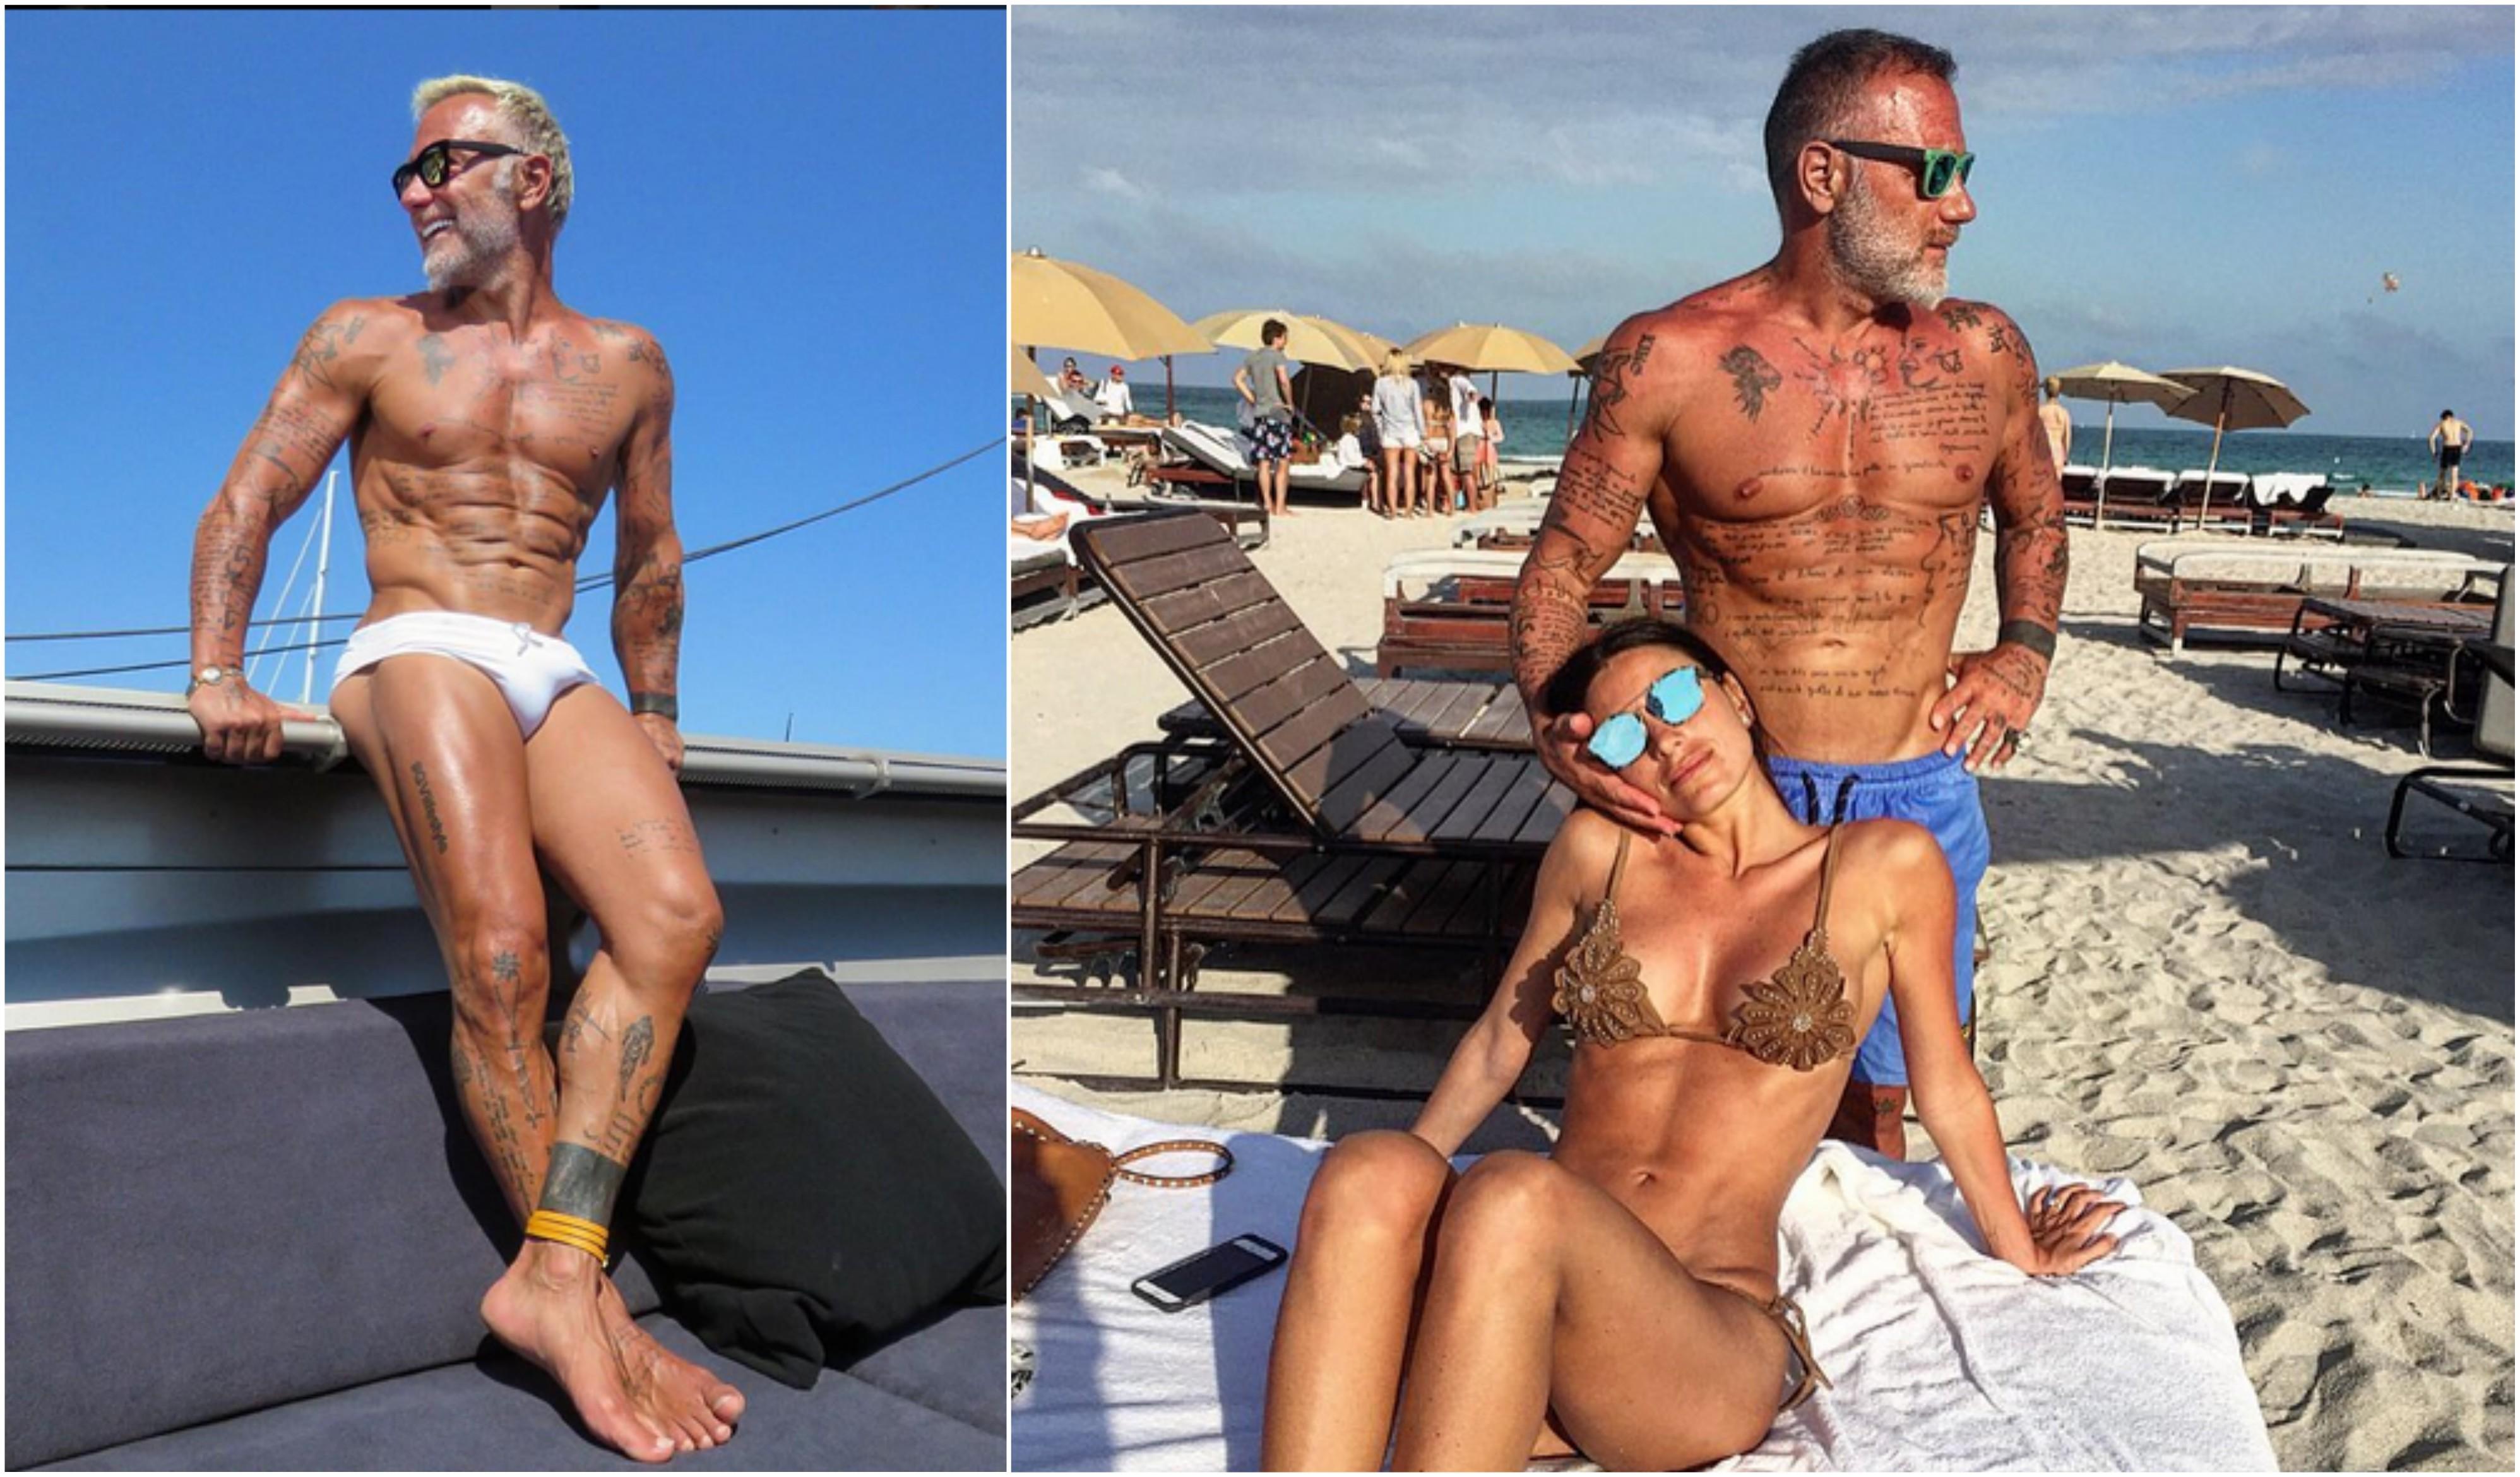 Gianluca face furori cu trupul său demenţial, dar şi cu pozele în care apare alături de frumoasa lui soţie.